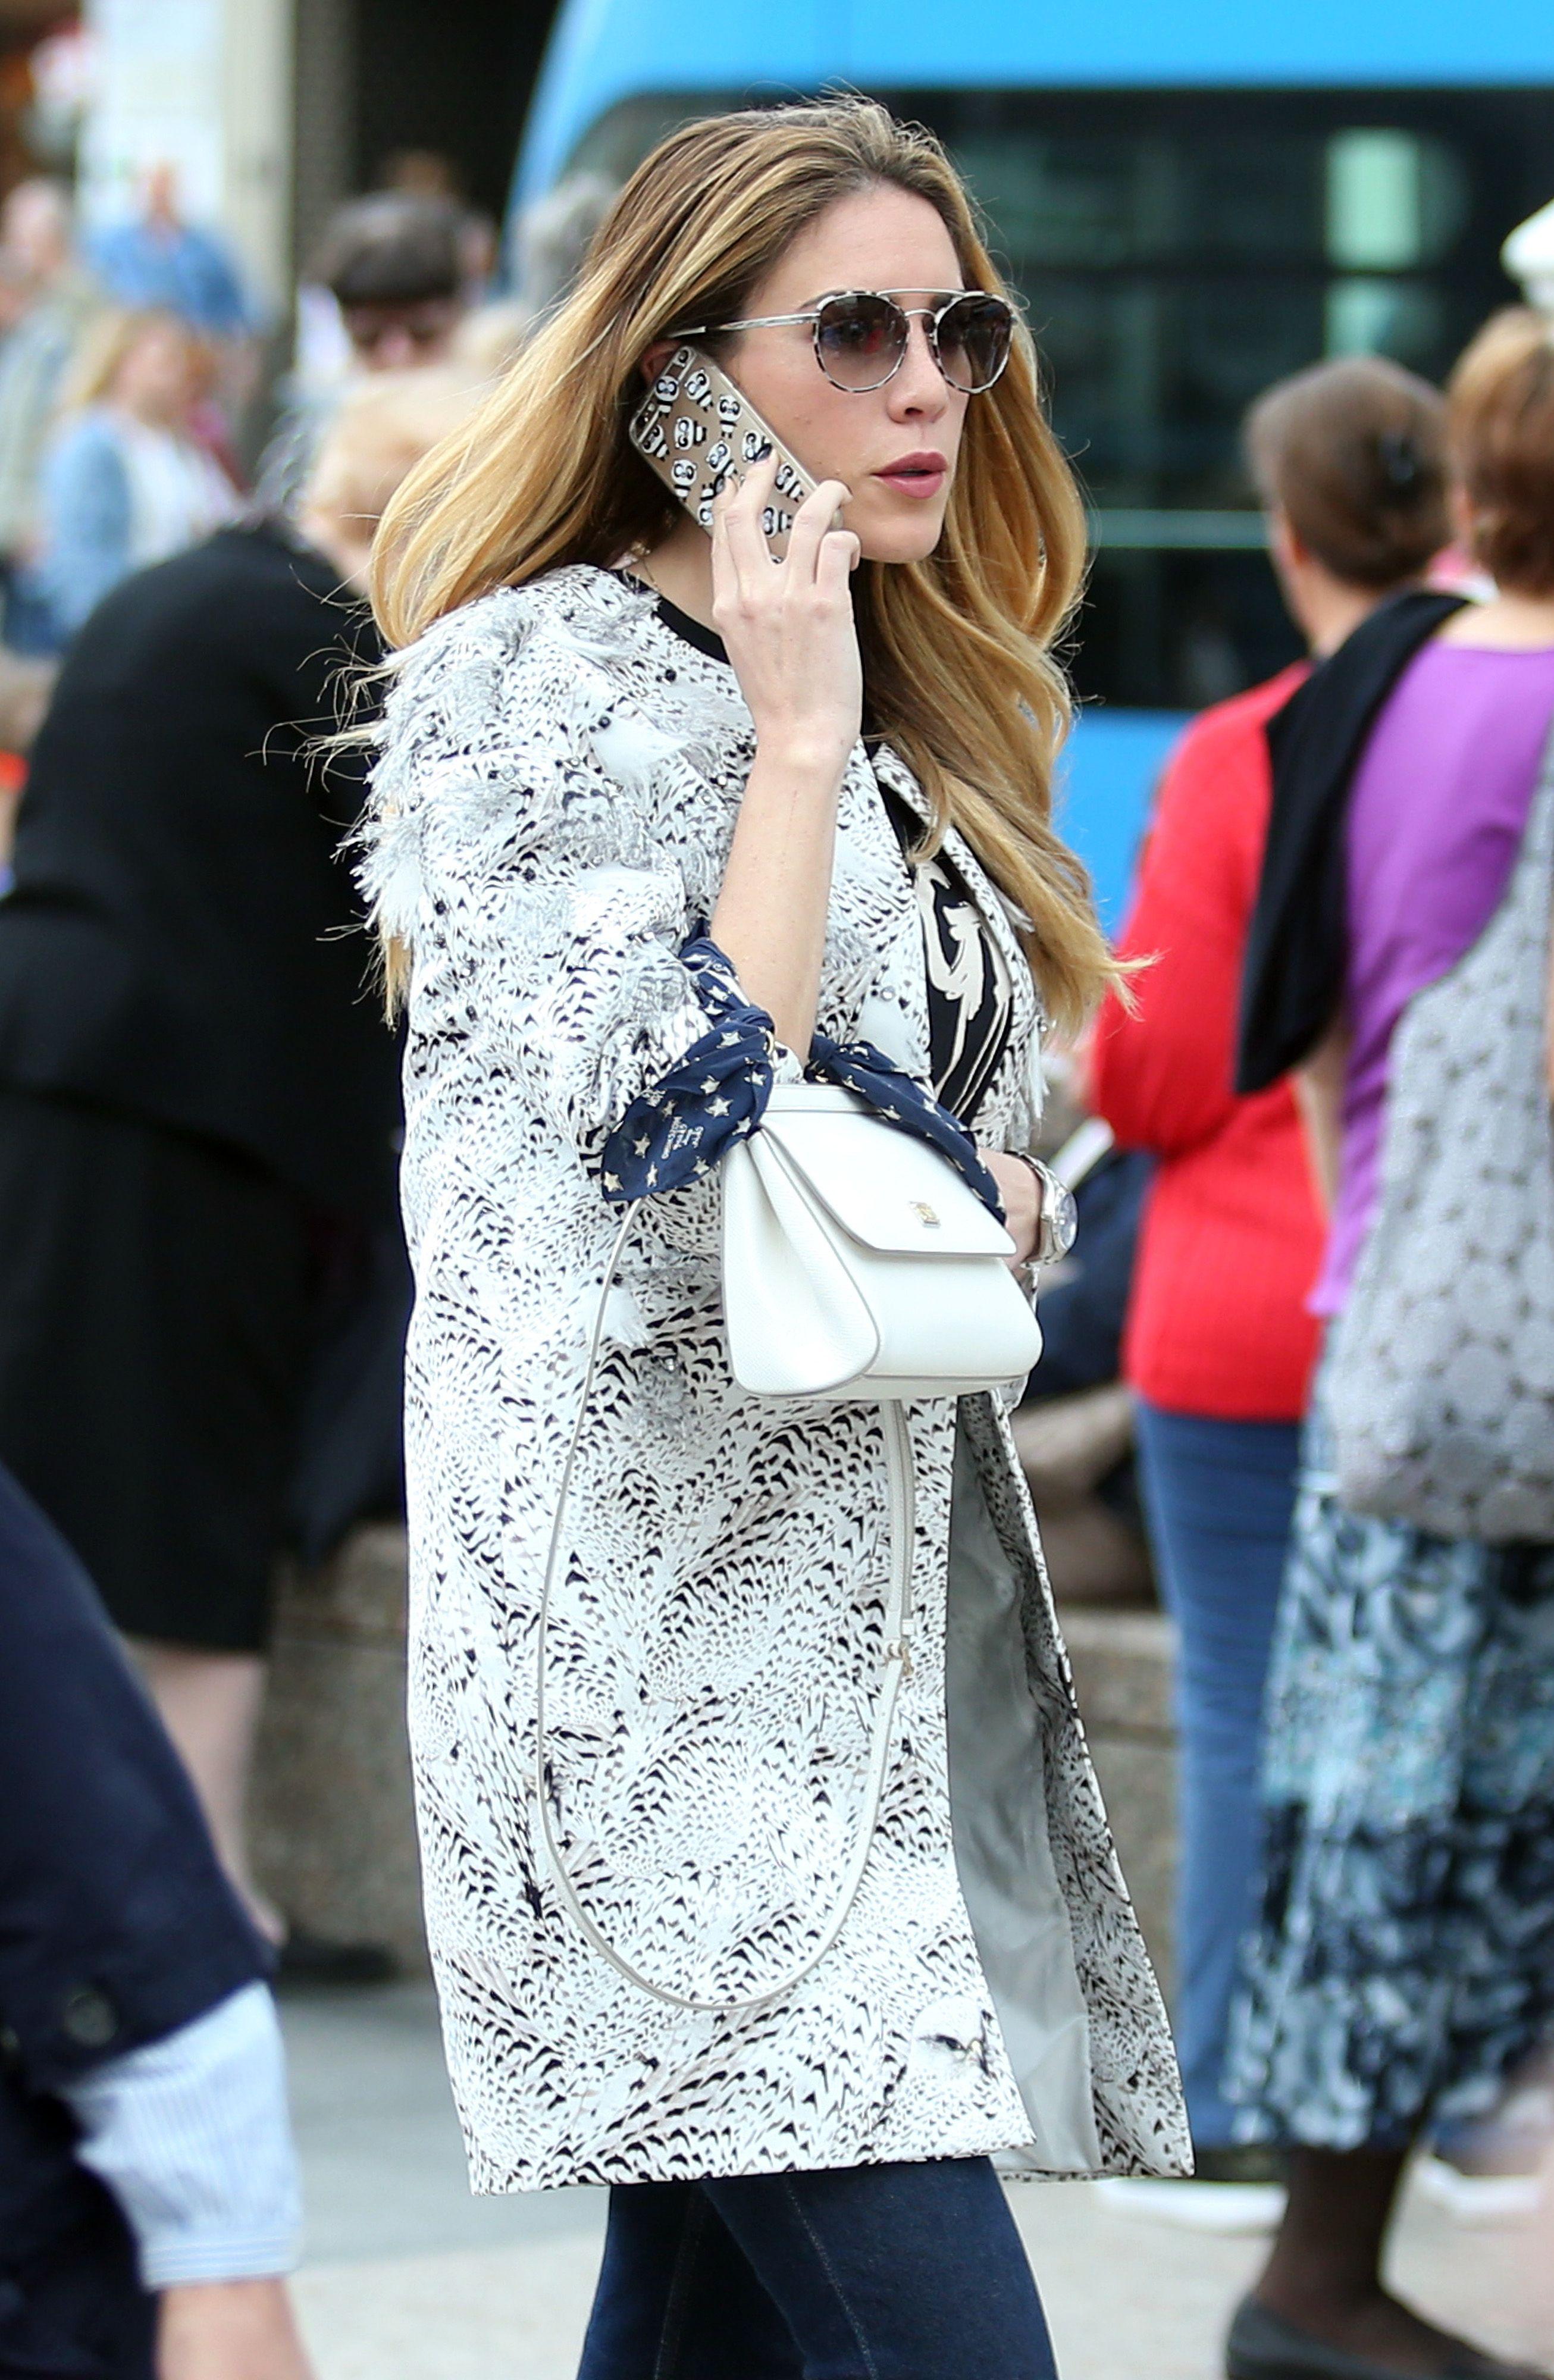 Kakav styling! Prezgodna plavuša na Trgu privukla poglede svih prolaznika